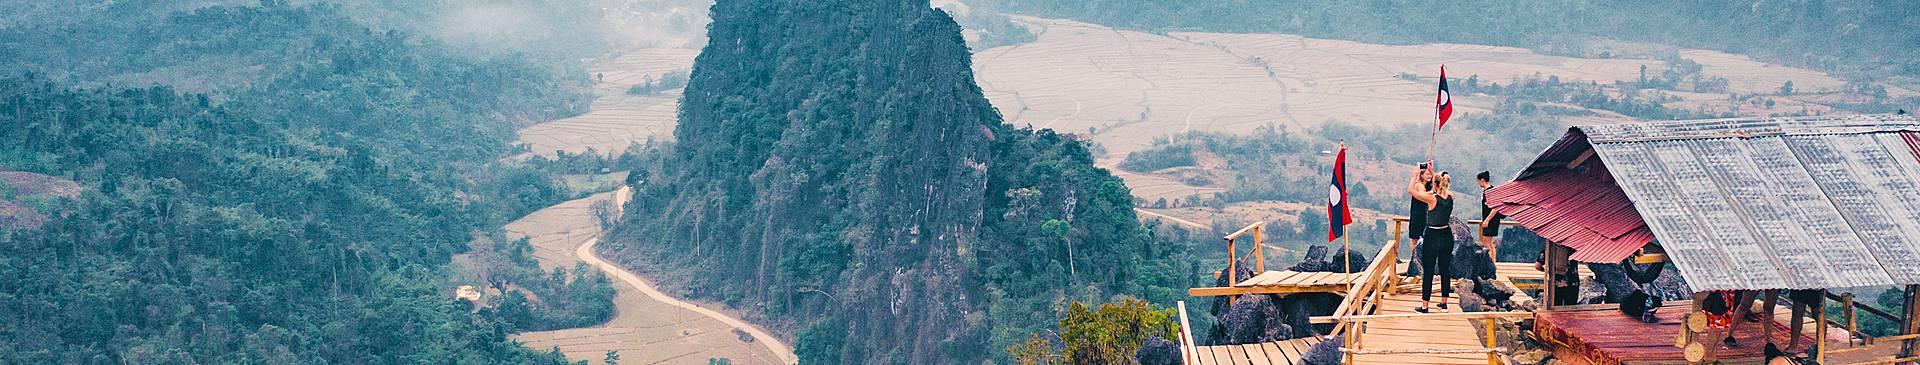 Hiking in Laos